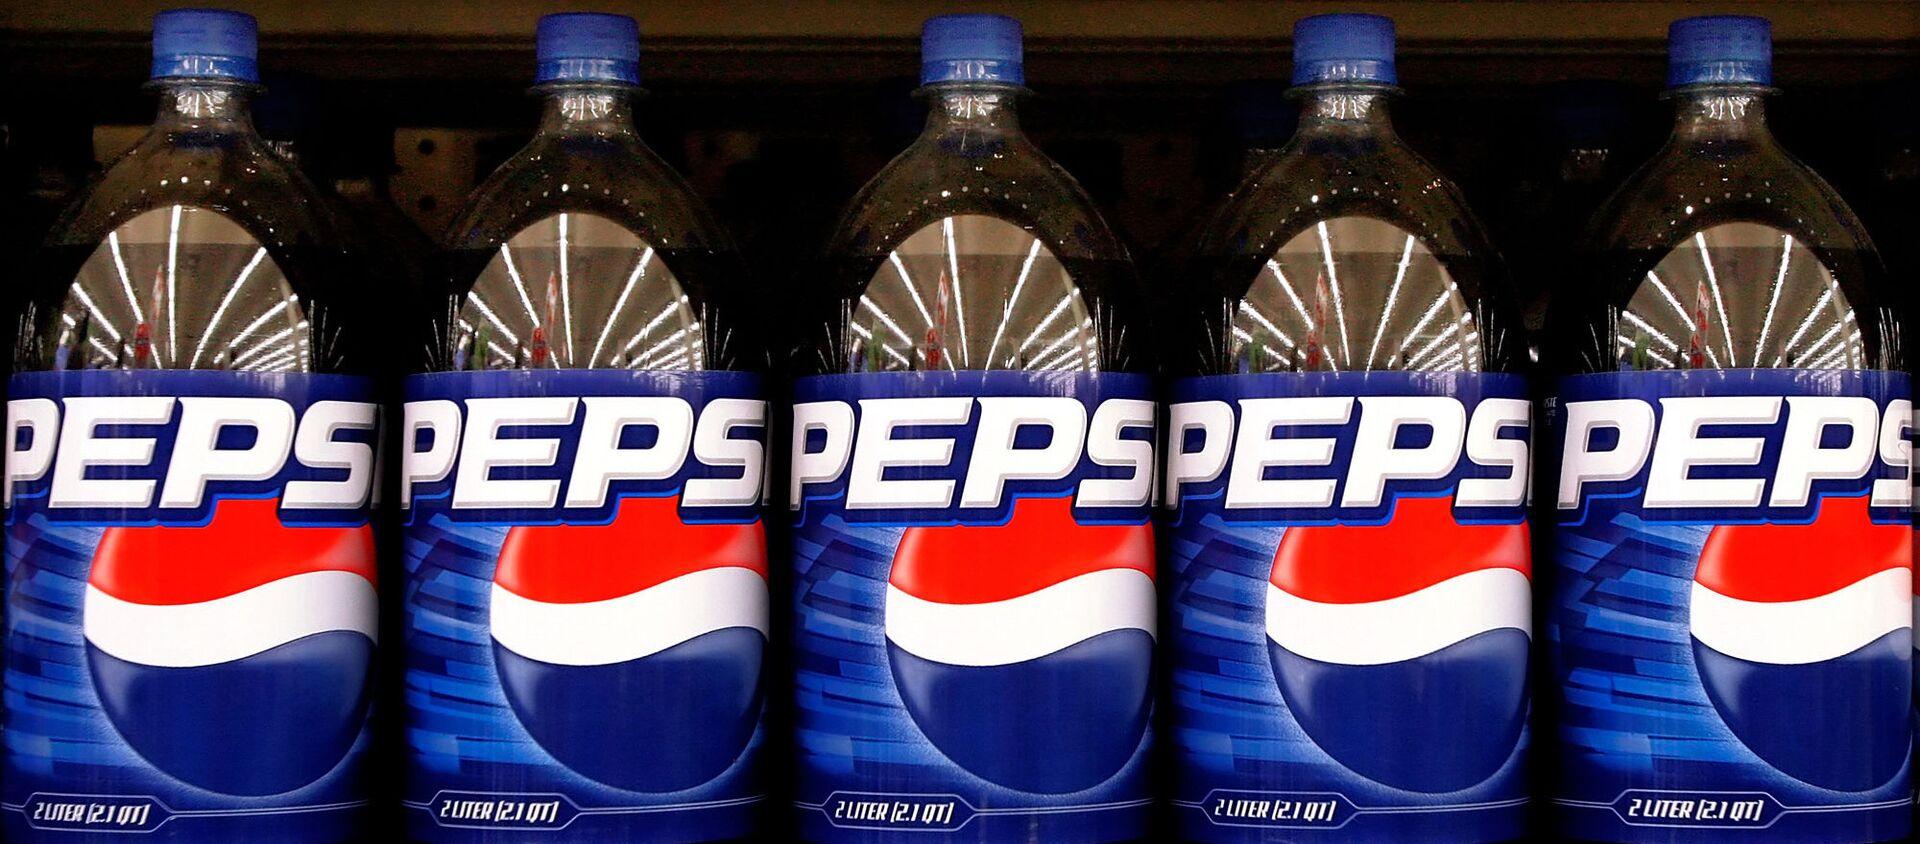 Botellas con Pepsi - Sputnik Mundo, 1920, 21.07.2019